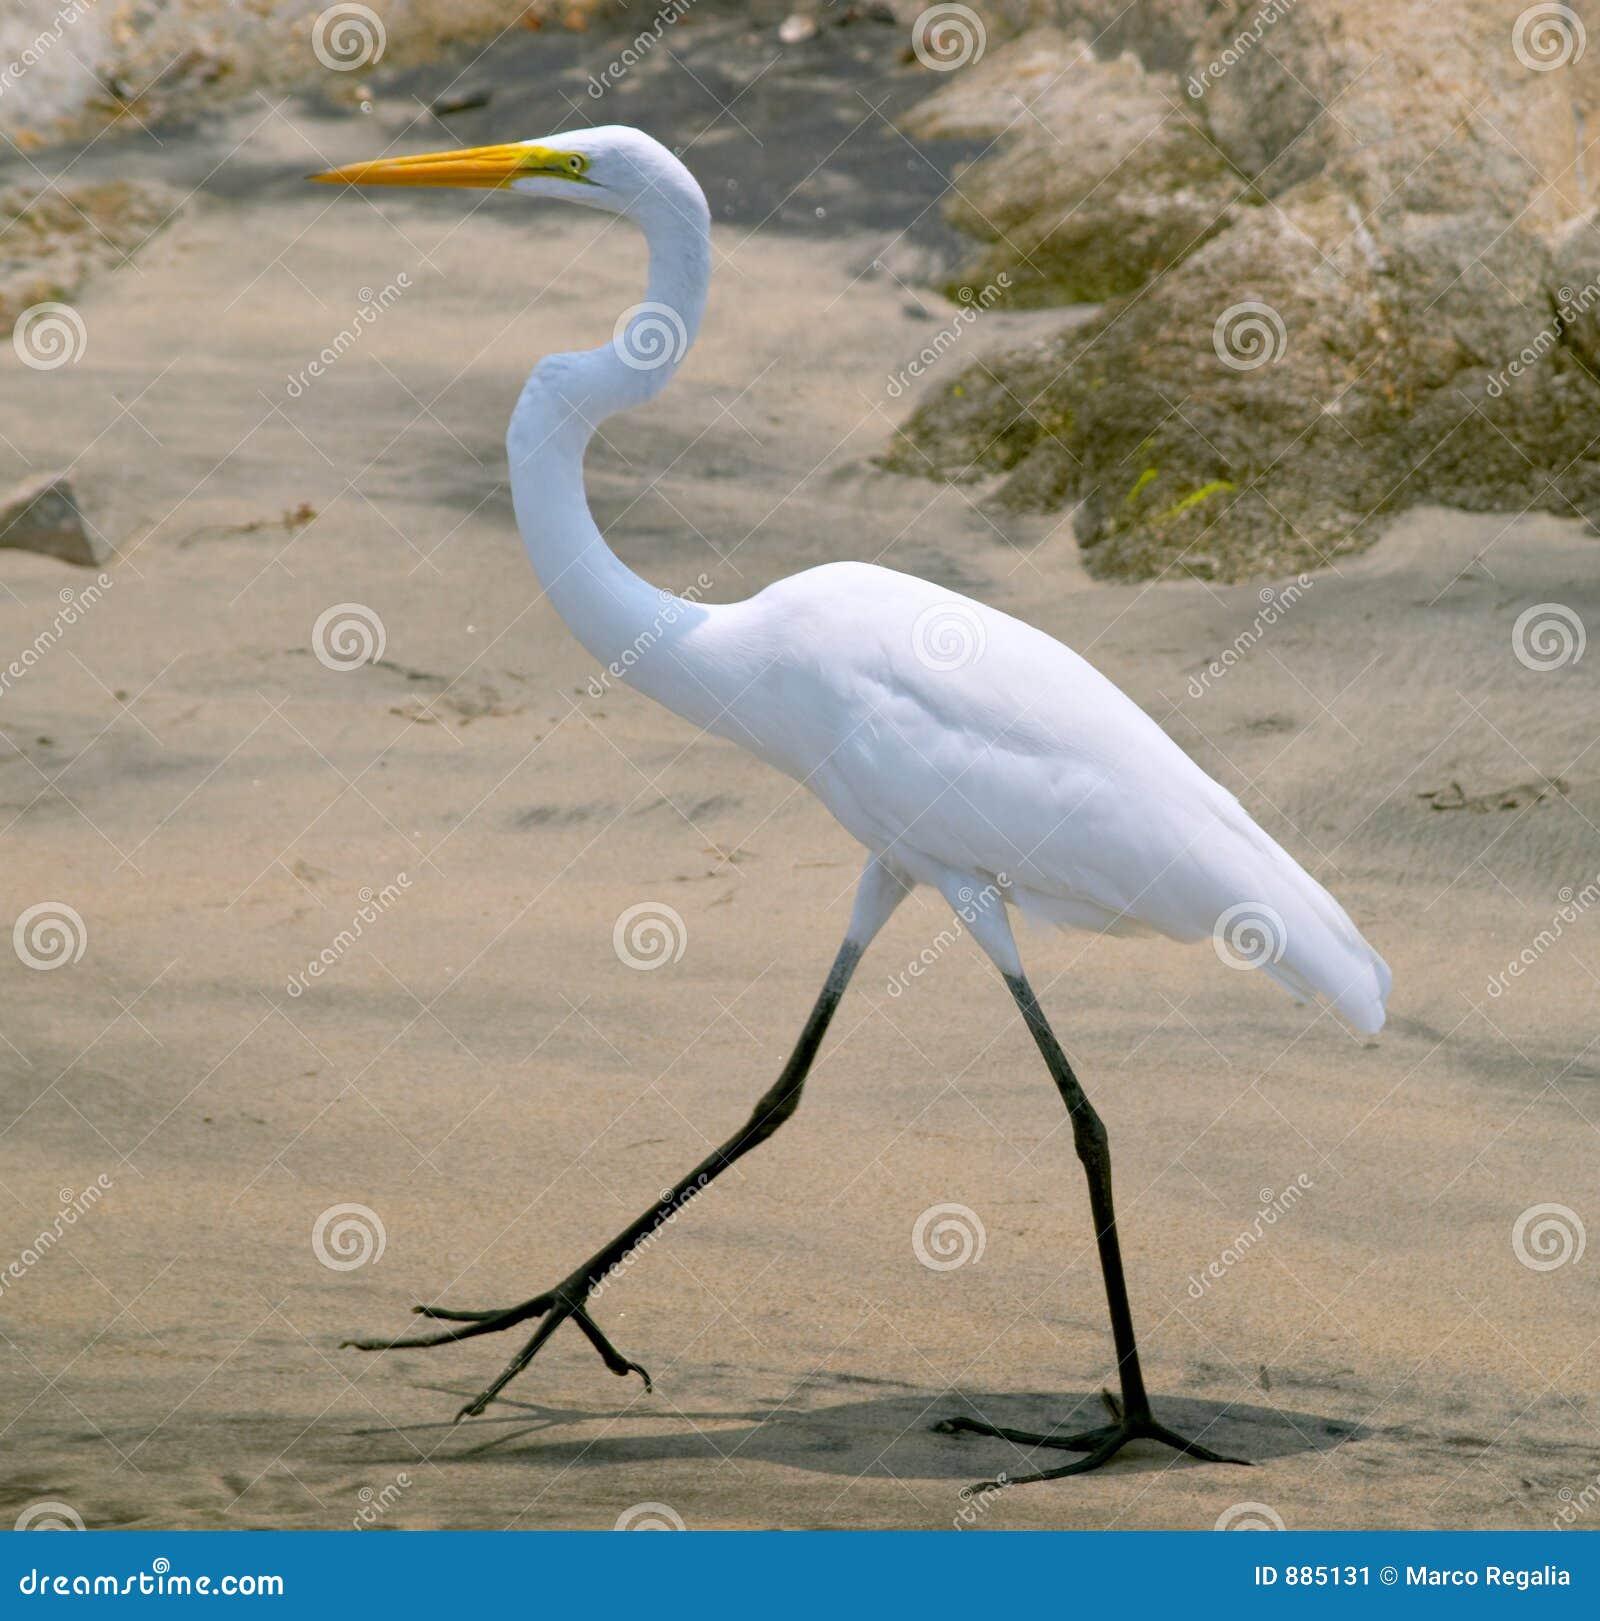 Heron ardea herodias white